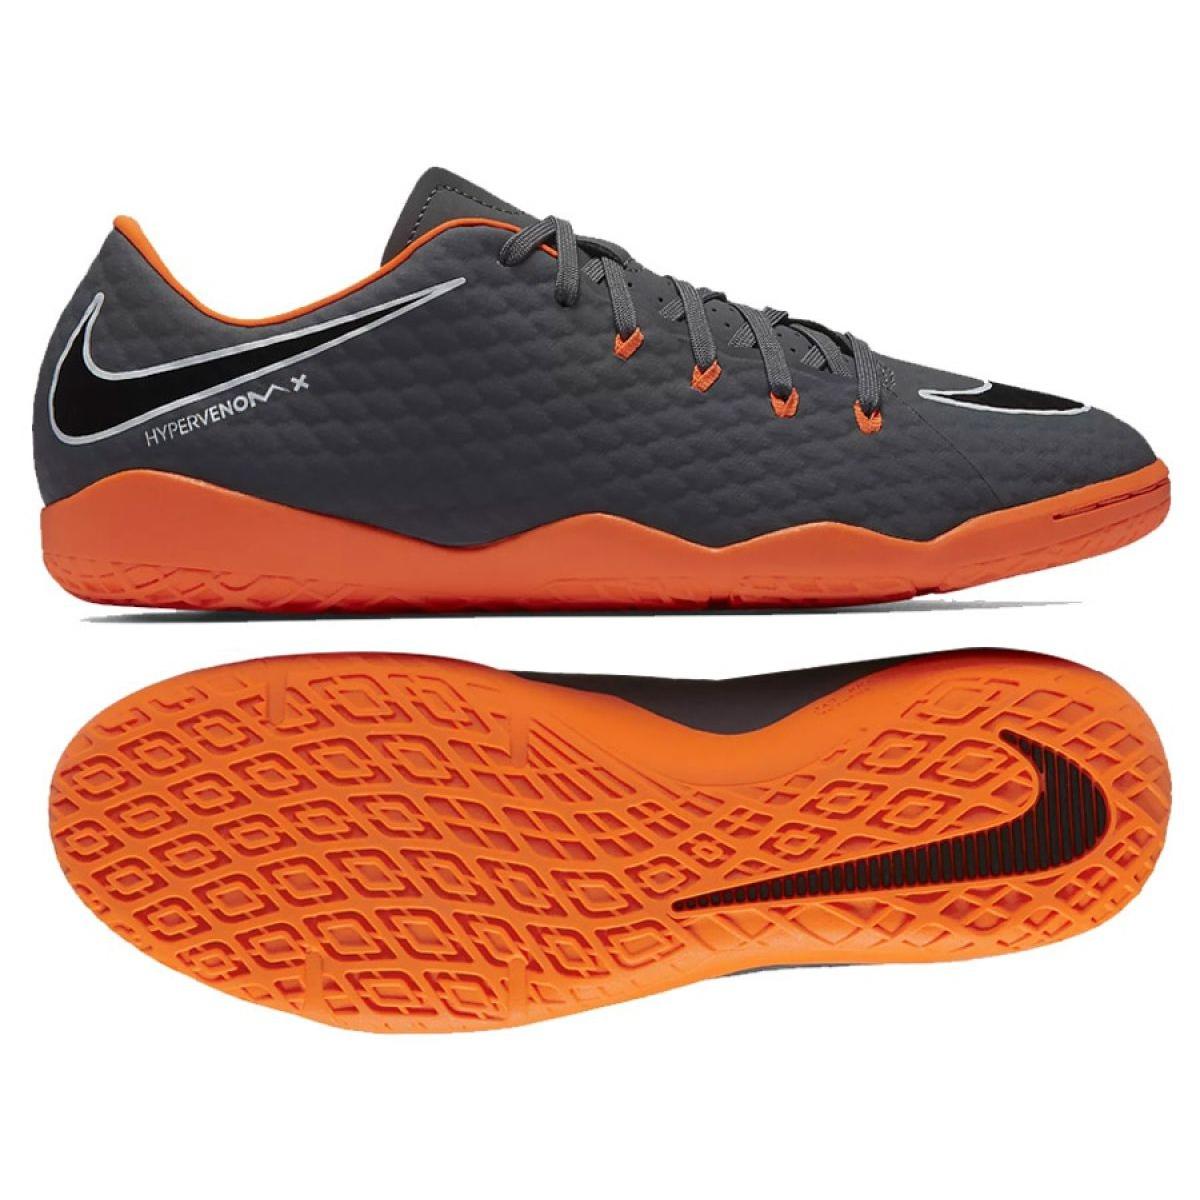 Nike Hypervenom : Detta är en Nike skoaffär.